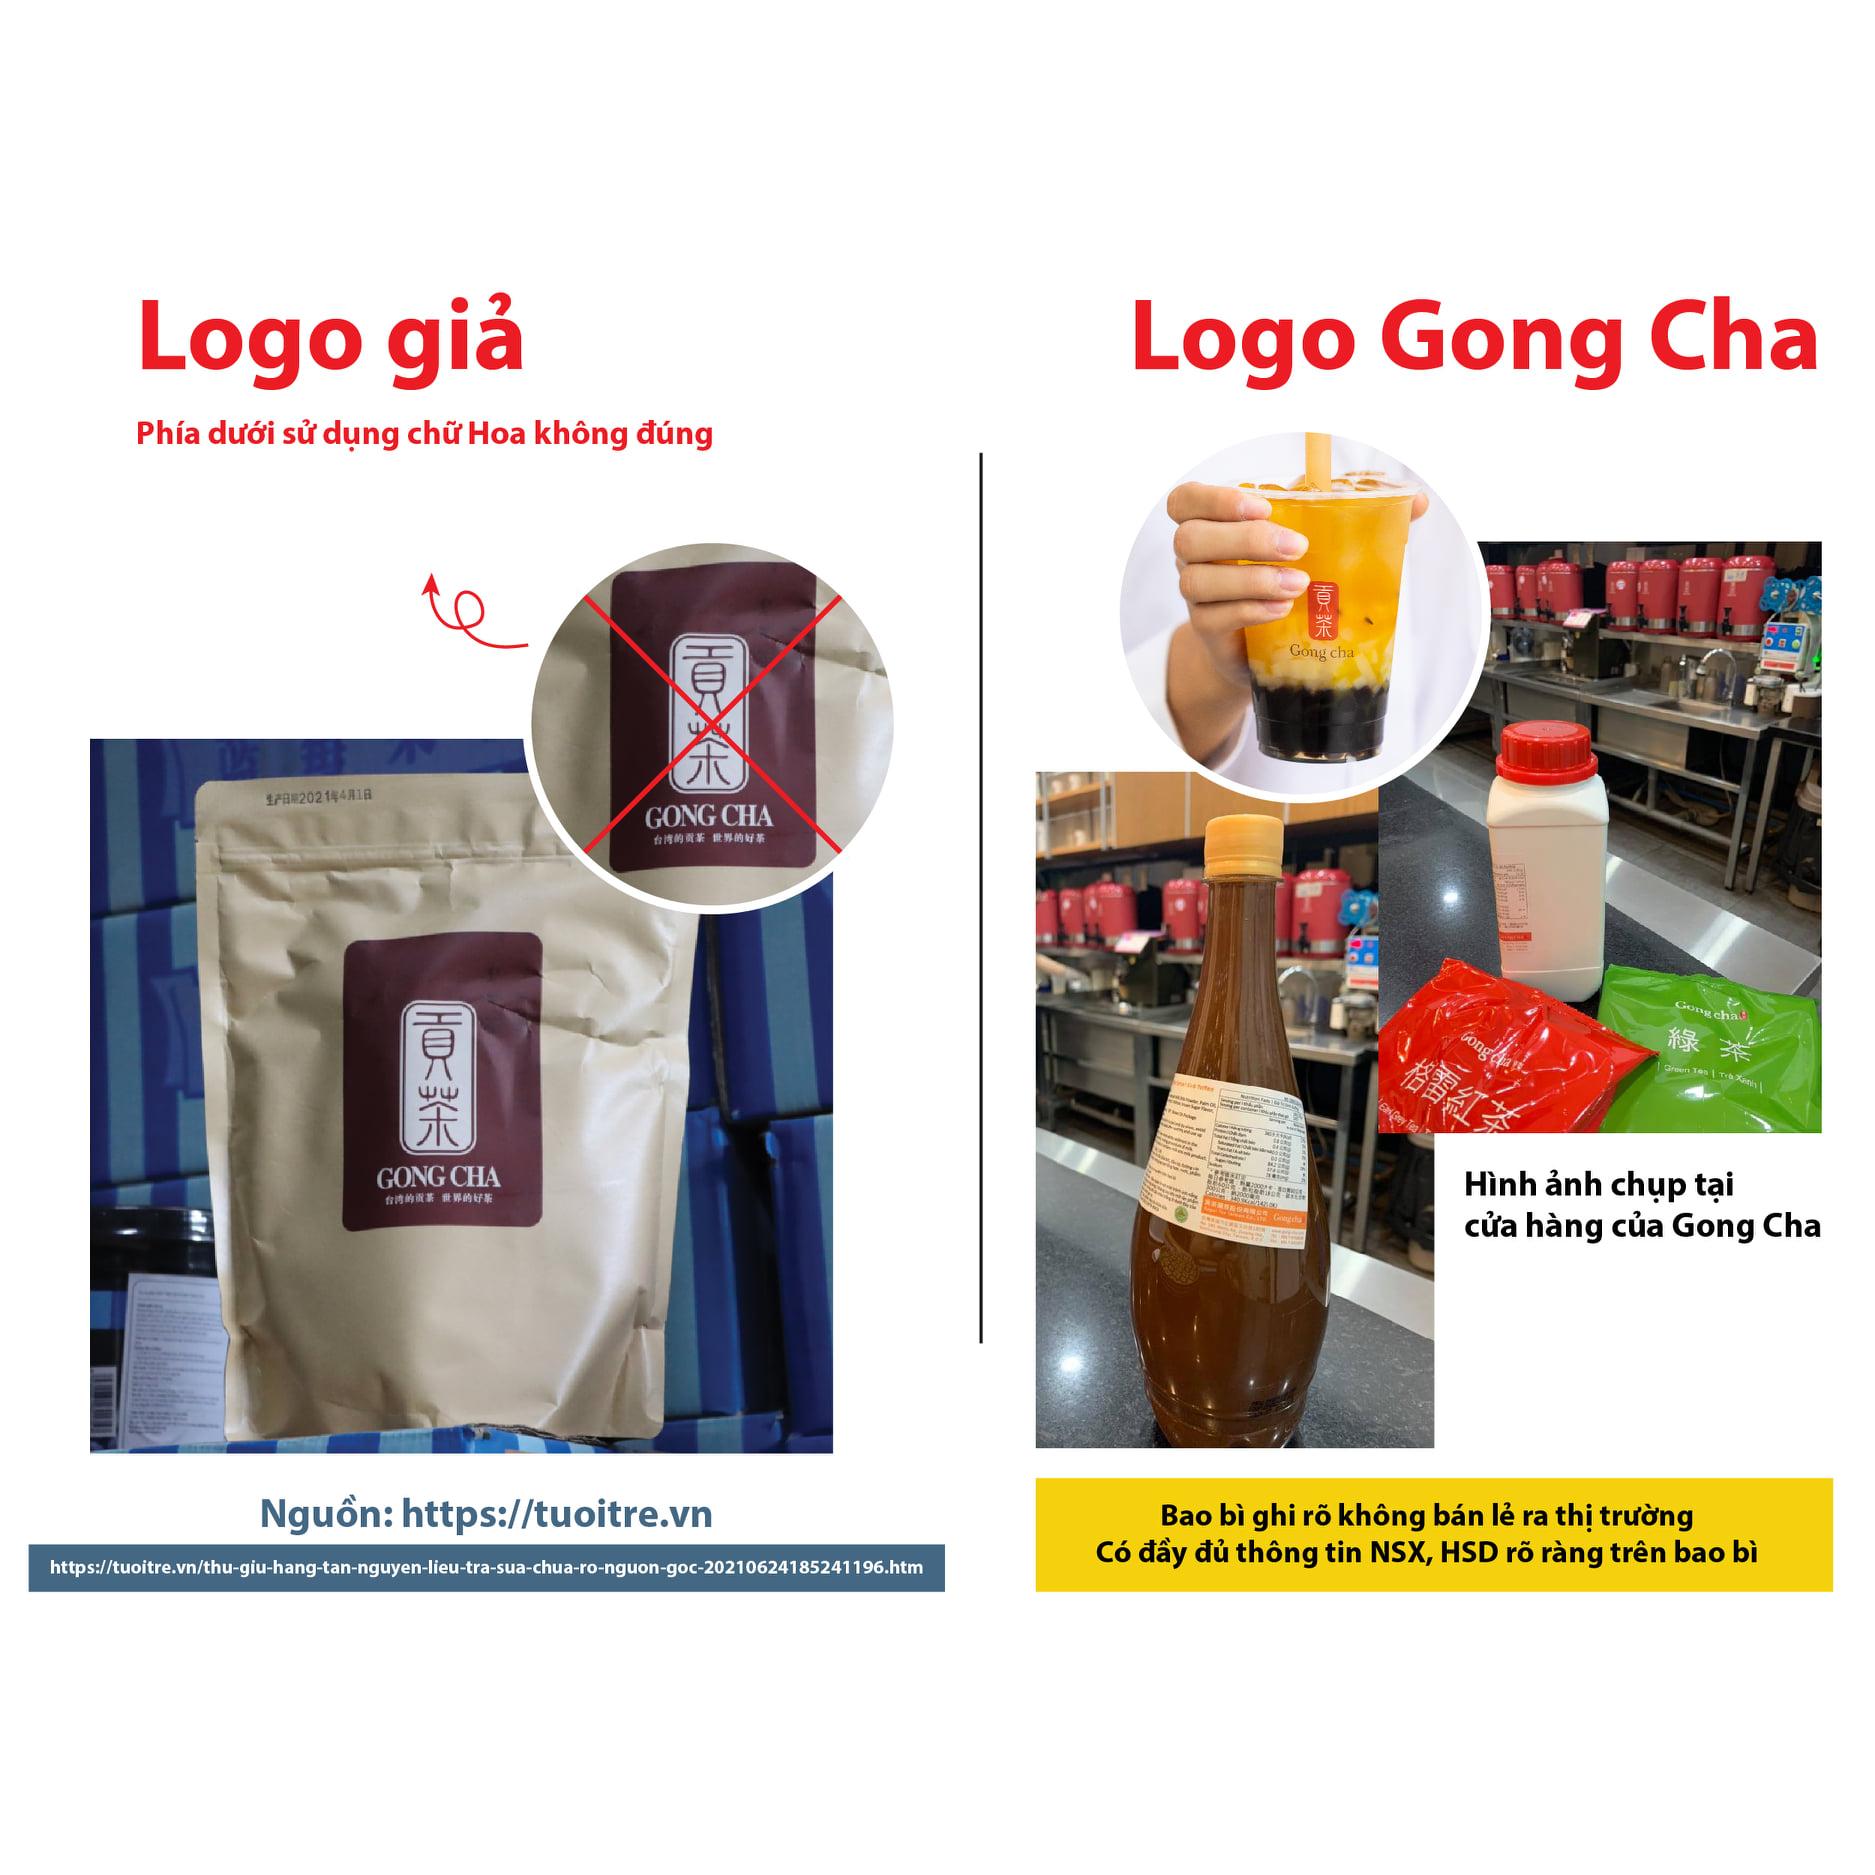 Gong Cha lên tiếng về vụ thu giữ hàng tấn nguyên liệu trà sữa bẩn, không rõ nguồn gốc - Ảnh 1.